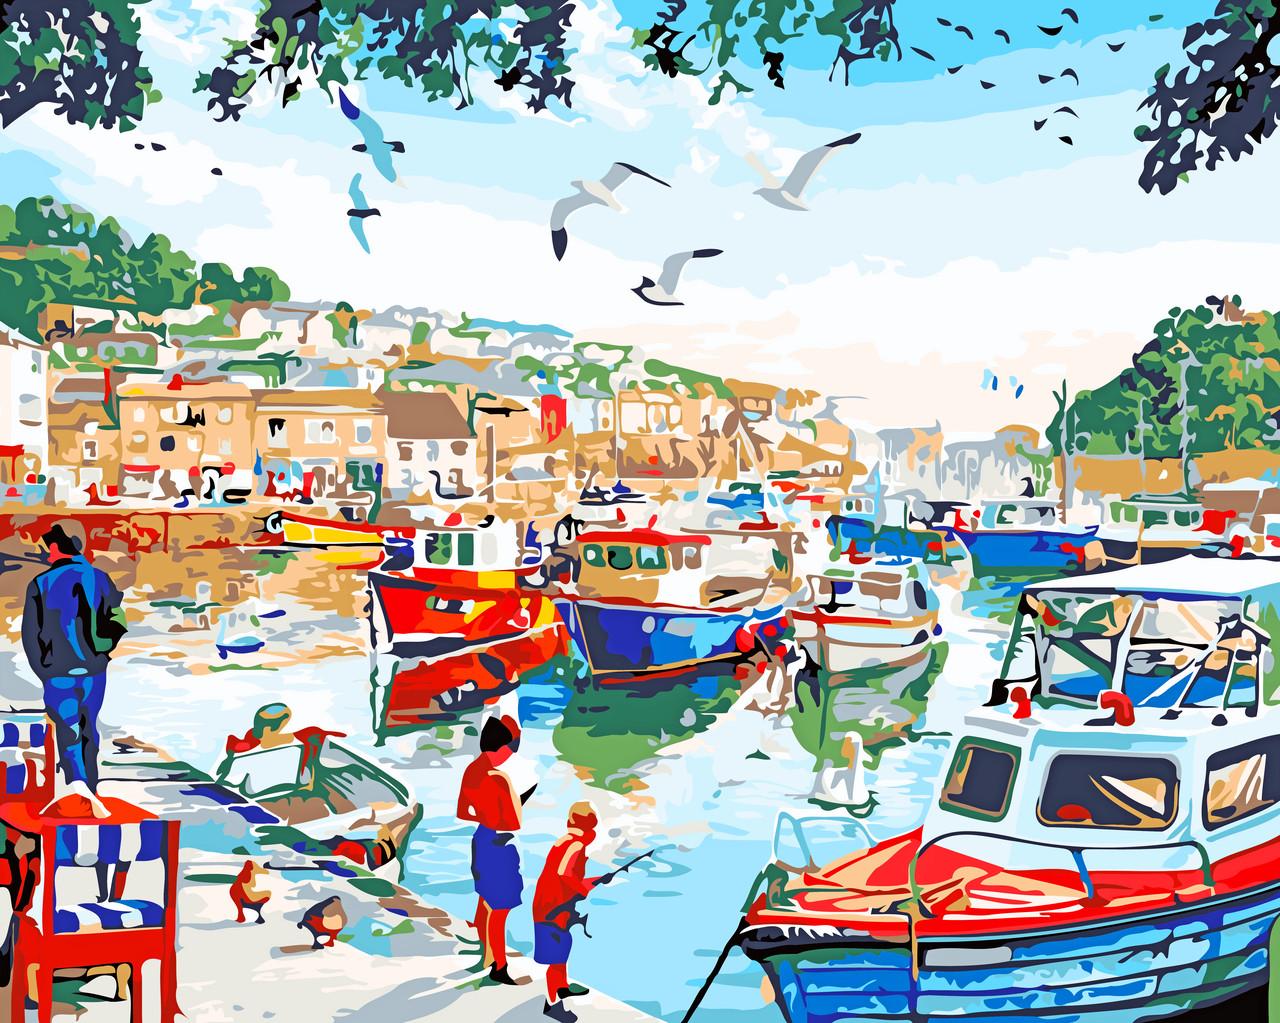 Художественный творческий набор, картина по номерам Рыбацкая деревня, 50x40 см, «Art Story» (AS0543)